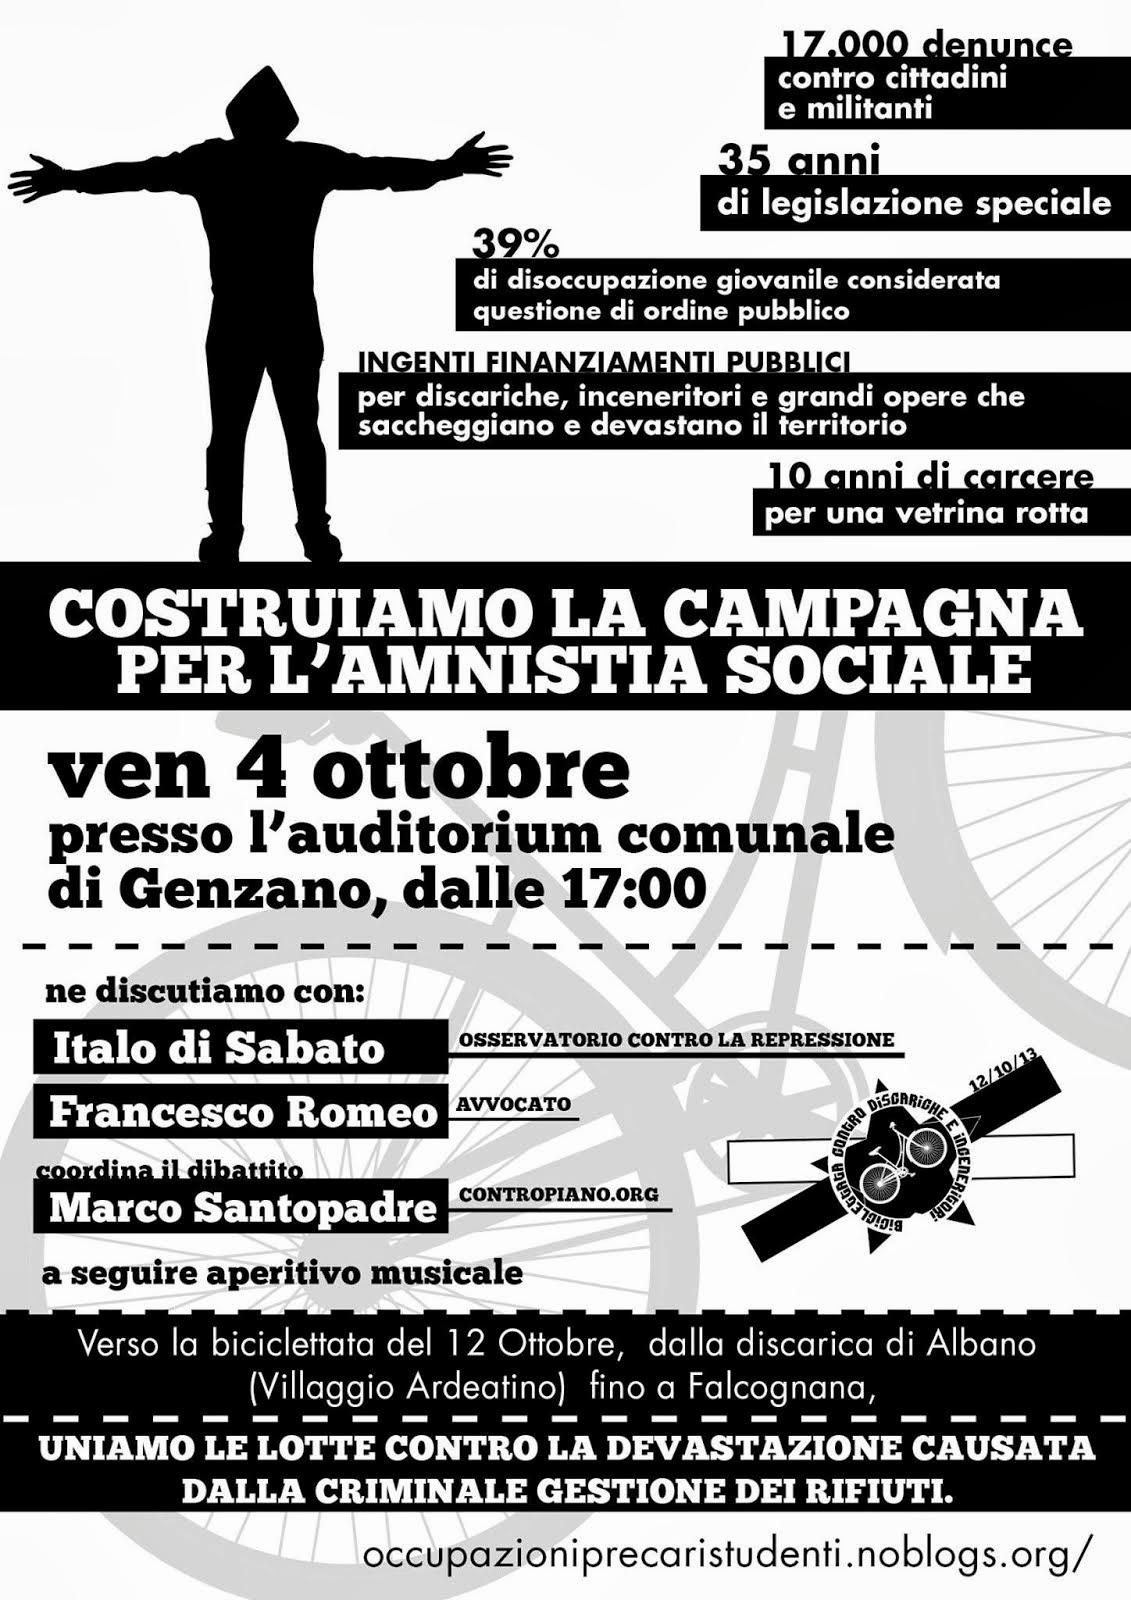 Costruiamo la campagna per l'amnistia sociale